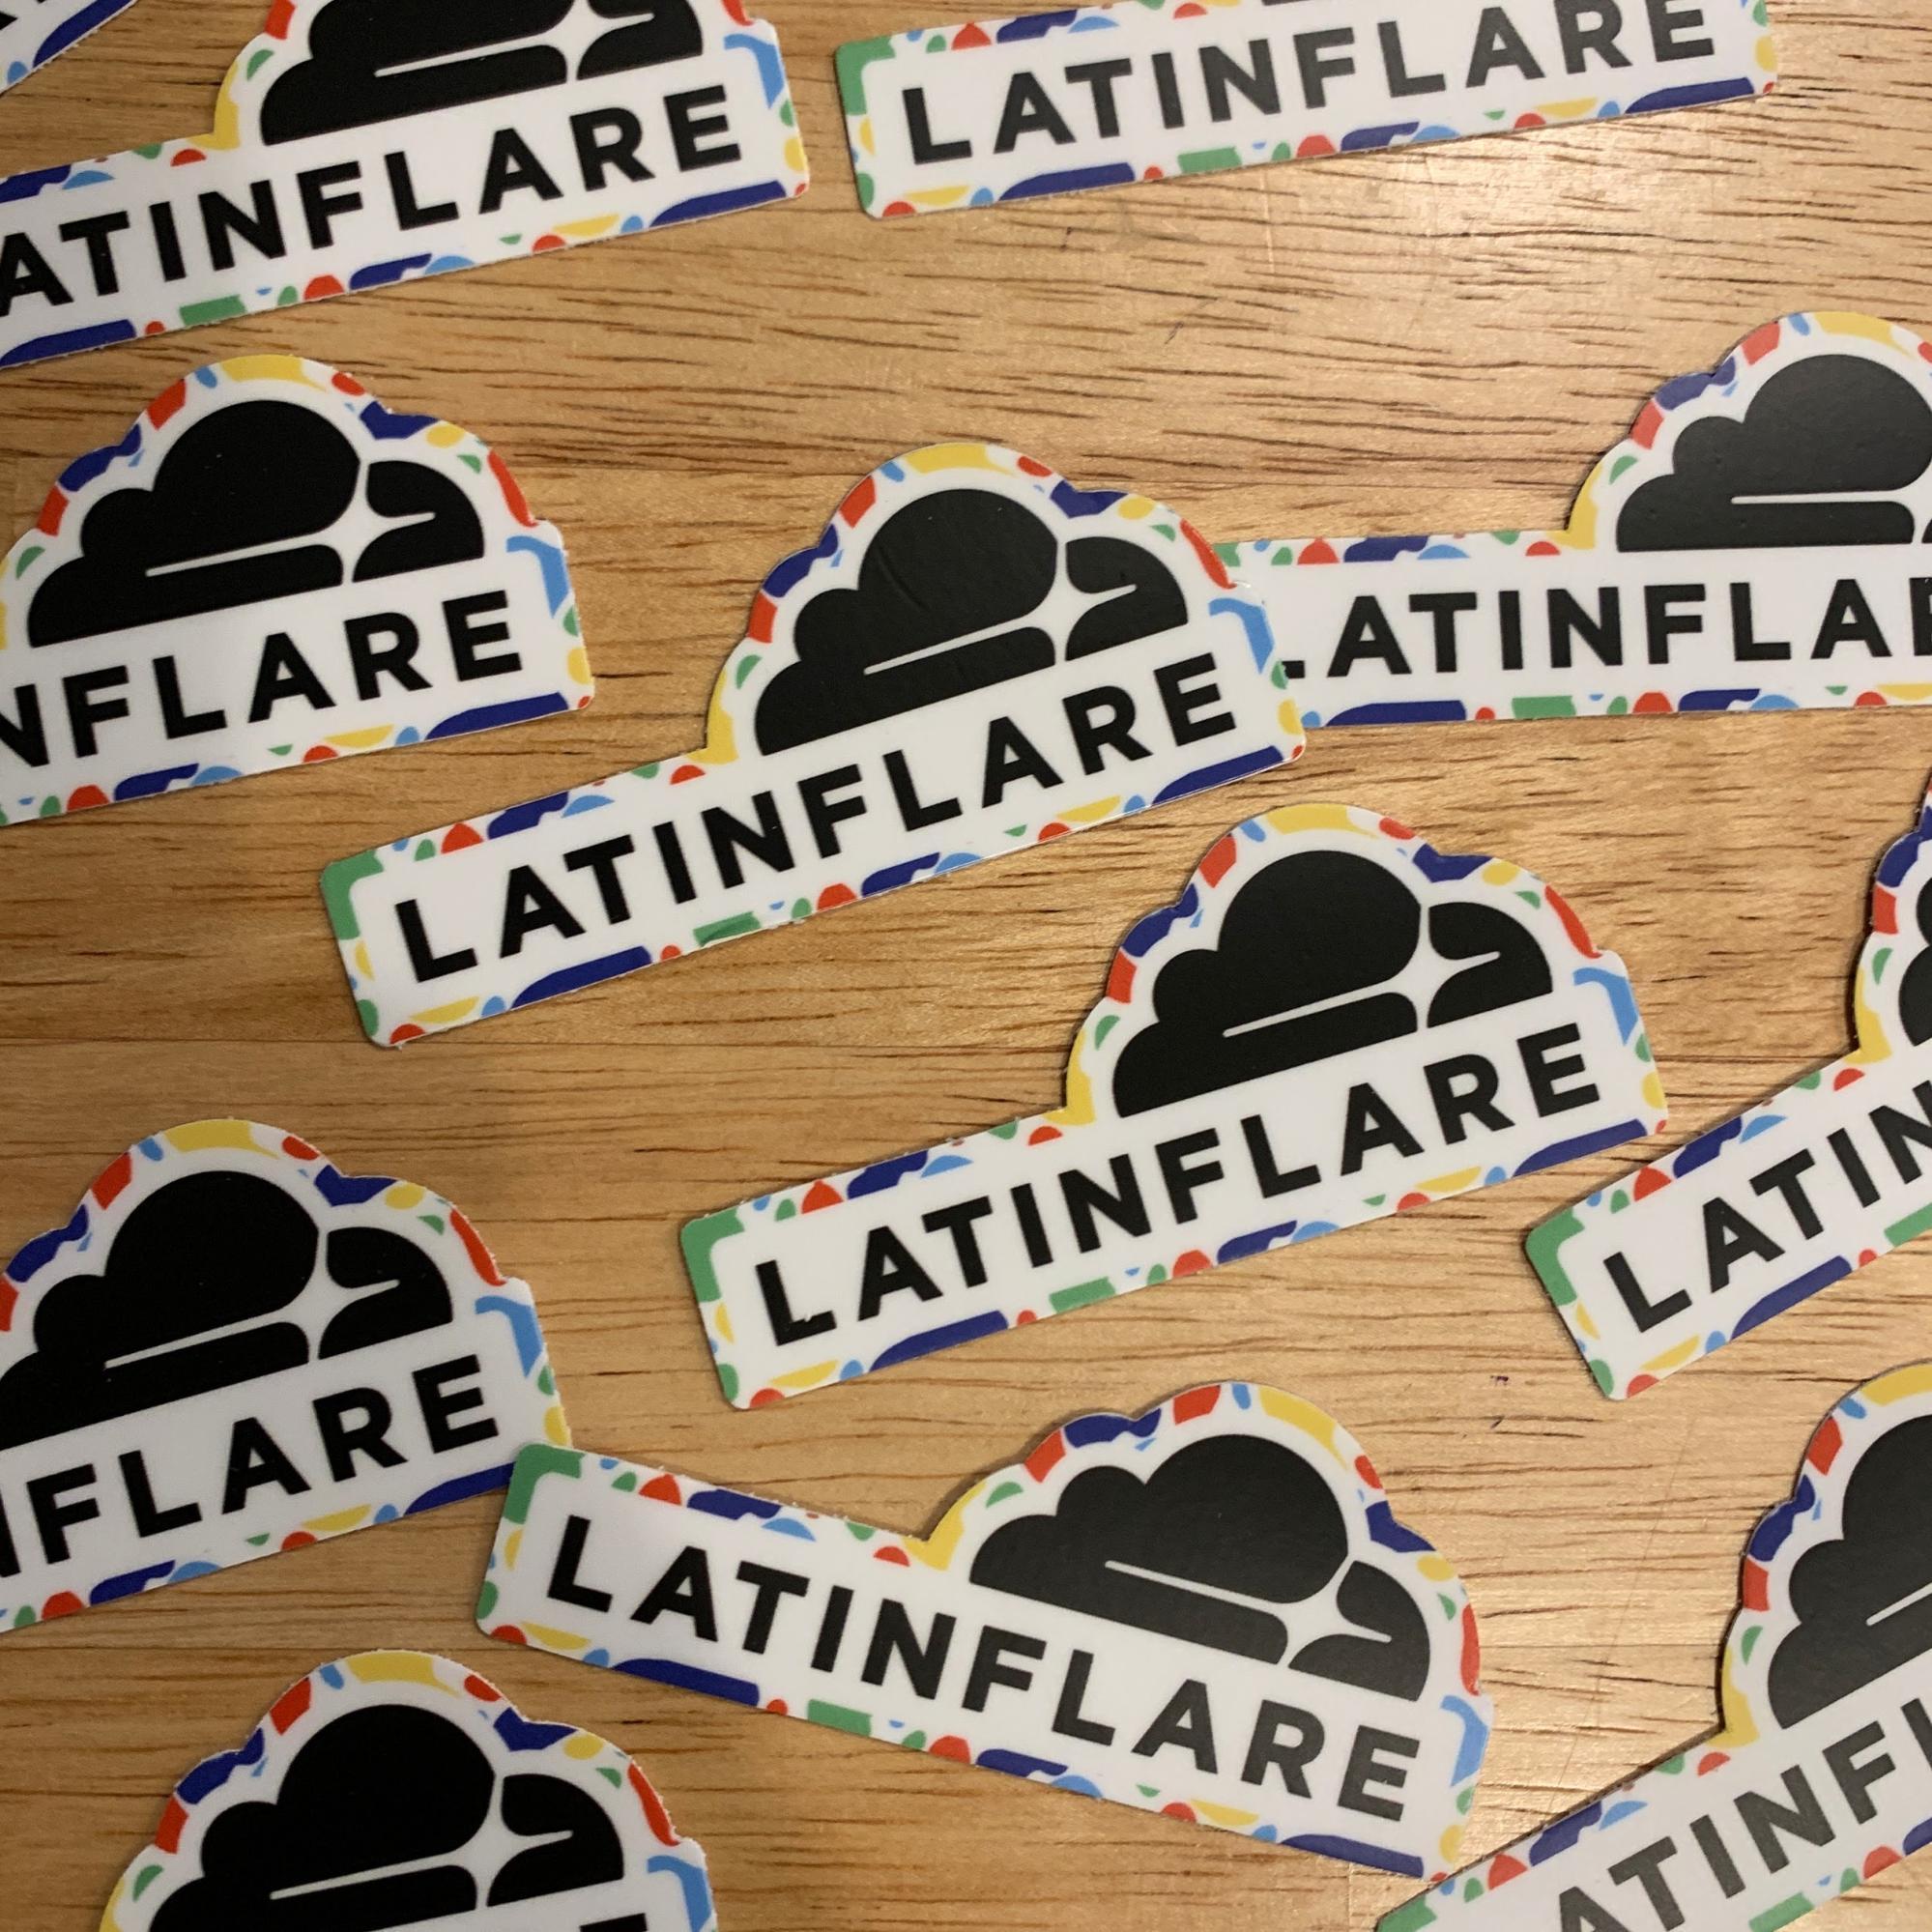 ¡Bienvenidos a Latinflare!